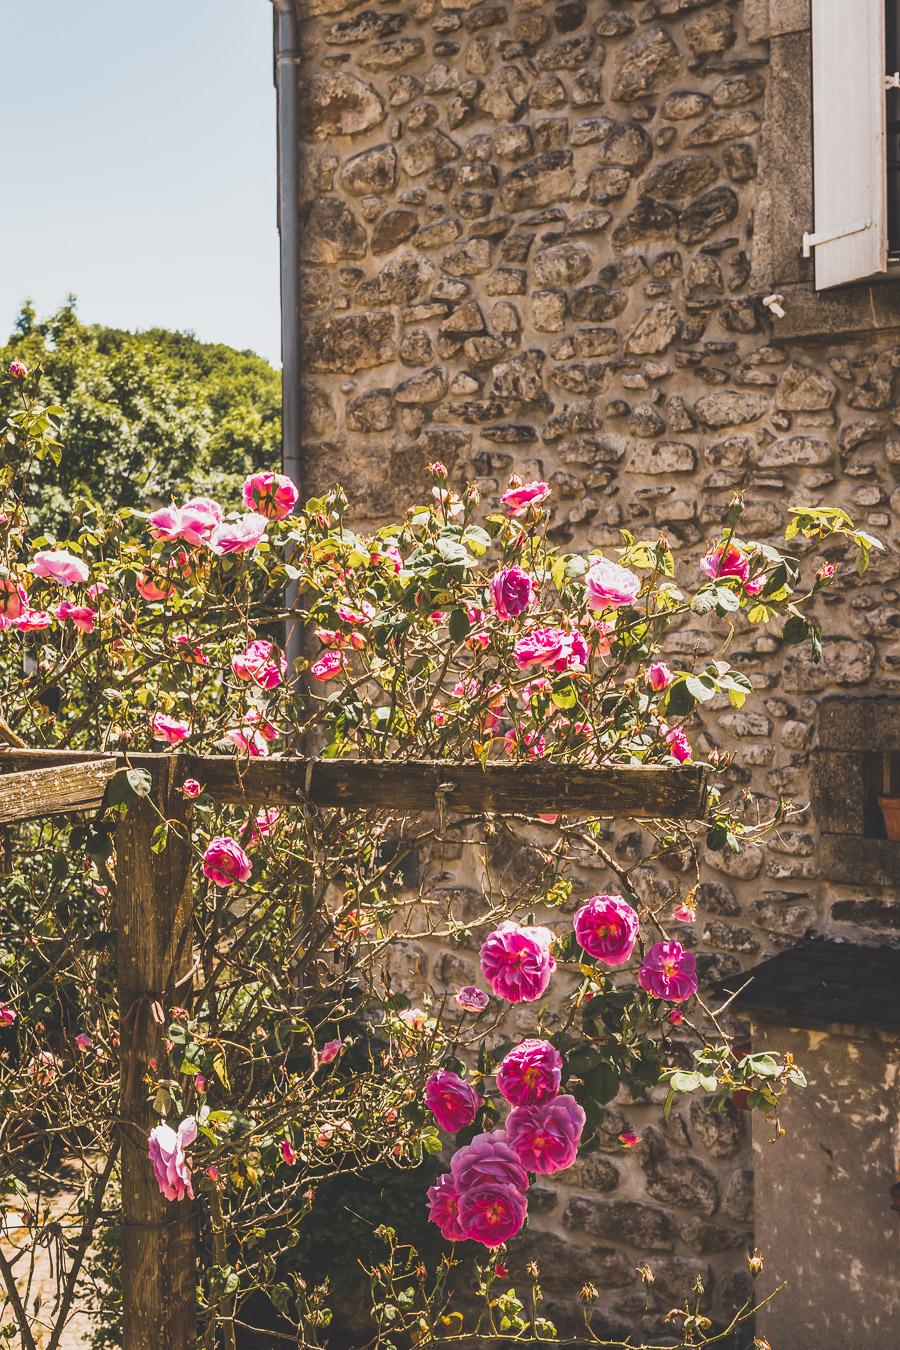 Fraïsse-sur-Agoût, Parc Naturel Régional du Haut Languedoc